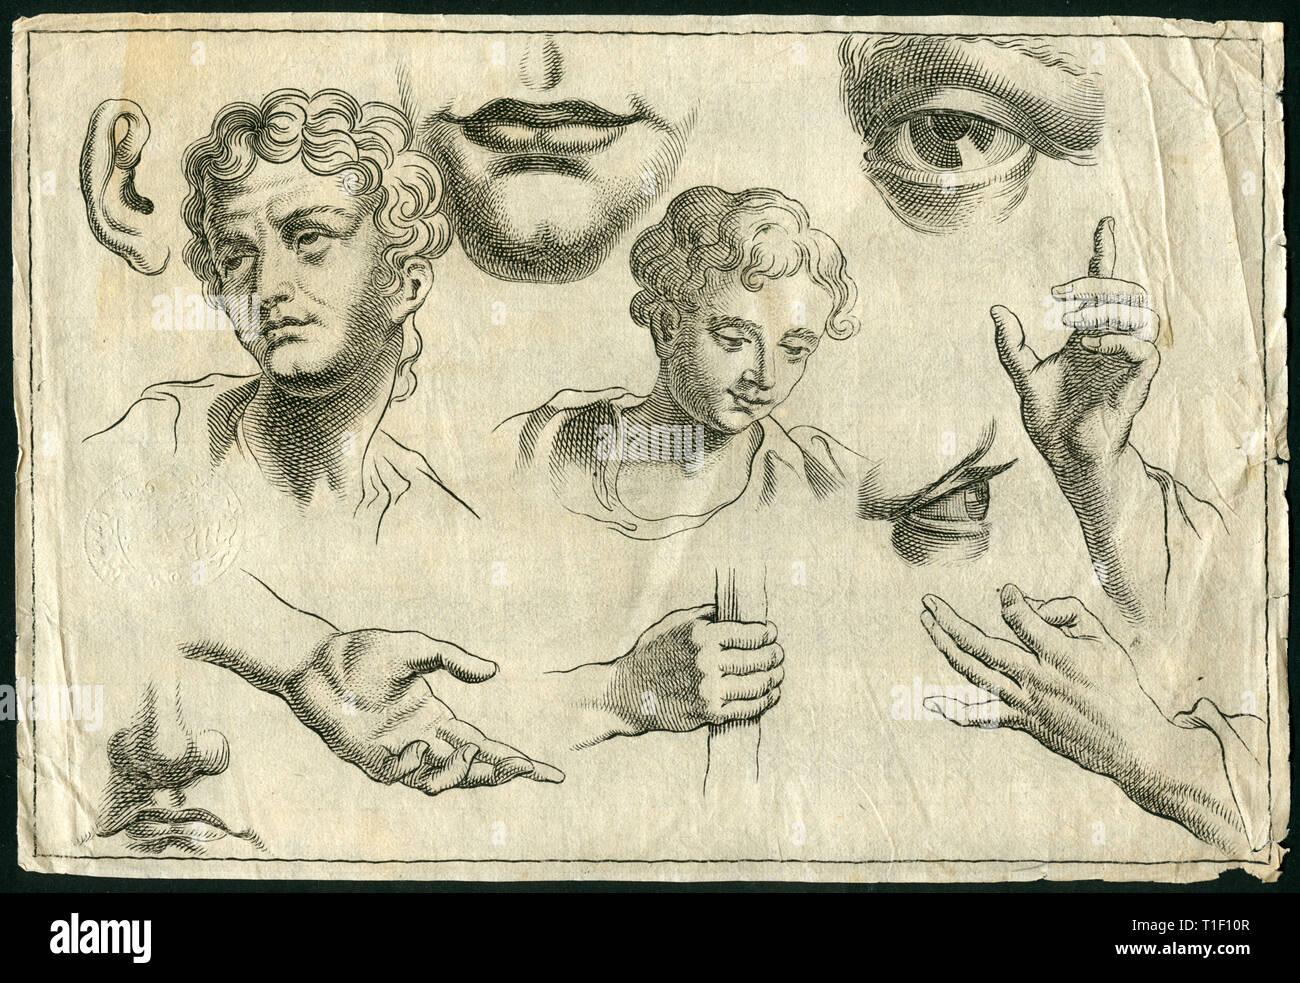 Dimensions historiques de parties du corps, tête, yeux, bouche, menton et part, la gravure sur cuivre de 1700., l'artiste n'a pas d'auteur pour être effacé Photo Stock